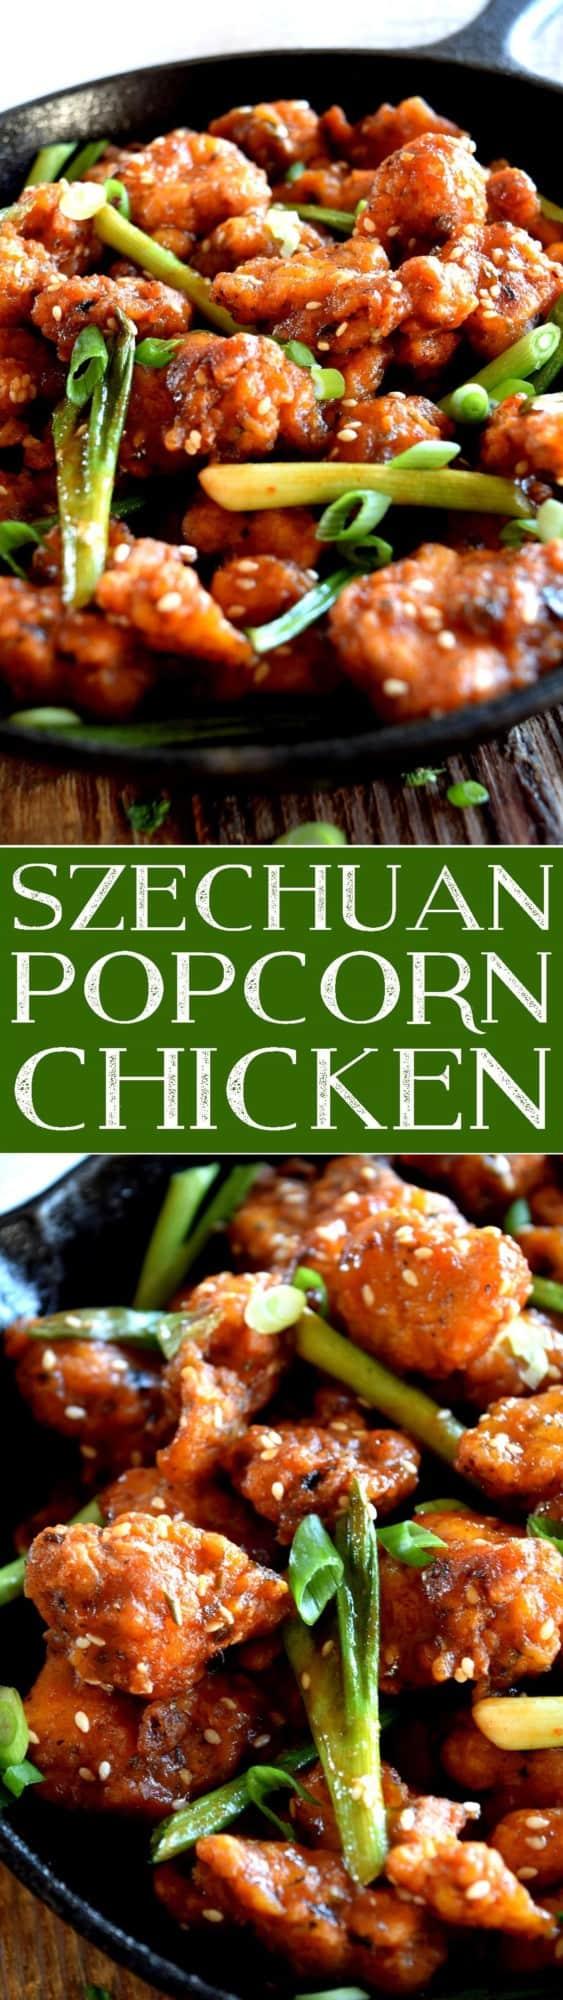 szechuan-popcorn-chicken